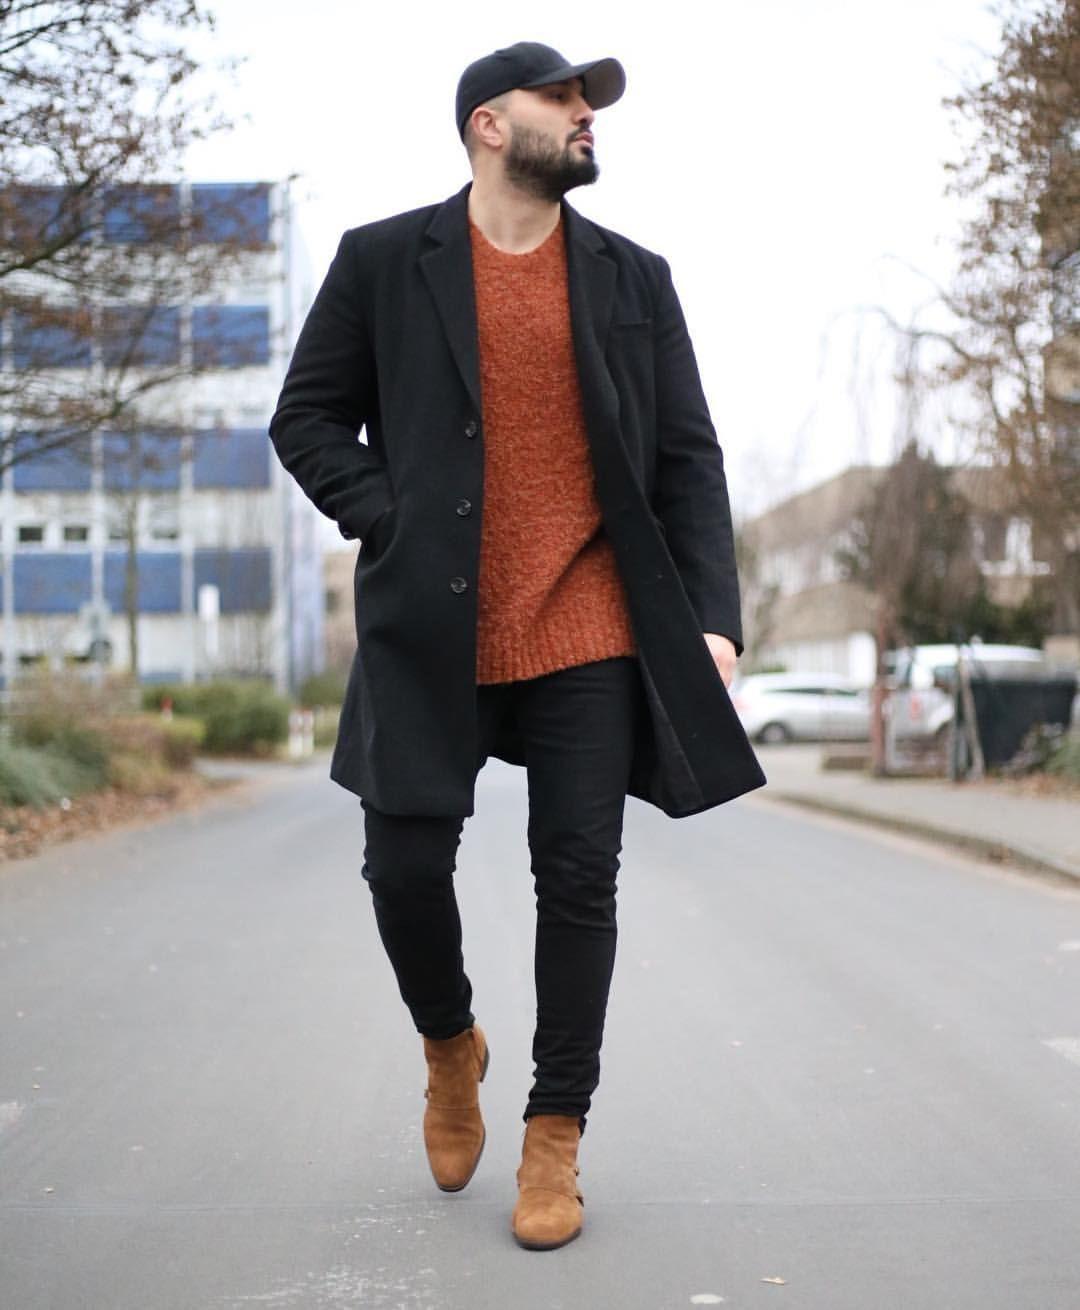 2019Vestir Zanyoddsoul En Pin De Outfits Con Estilo Men lKJc1FT